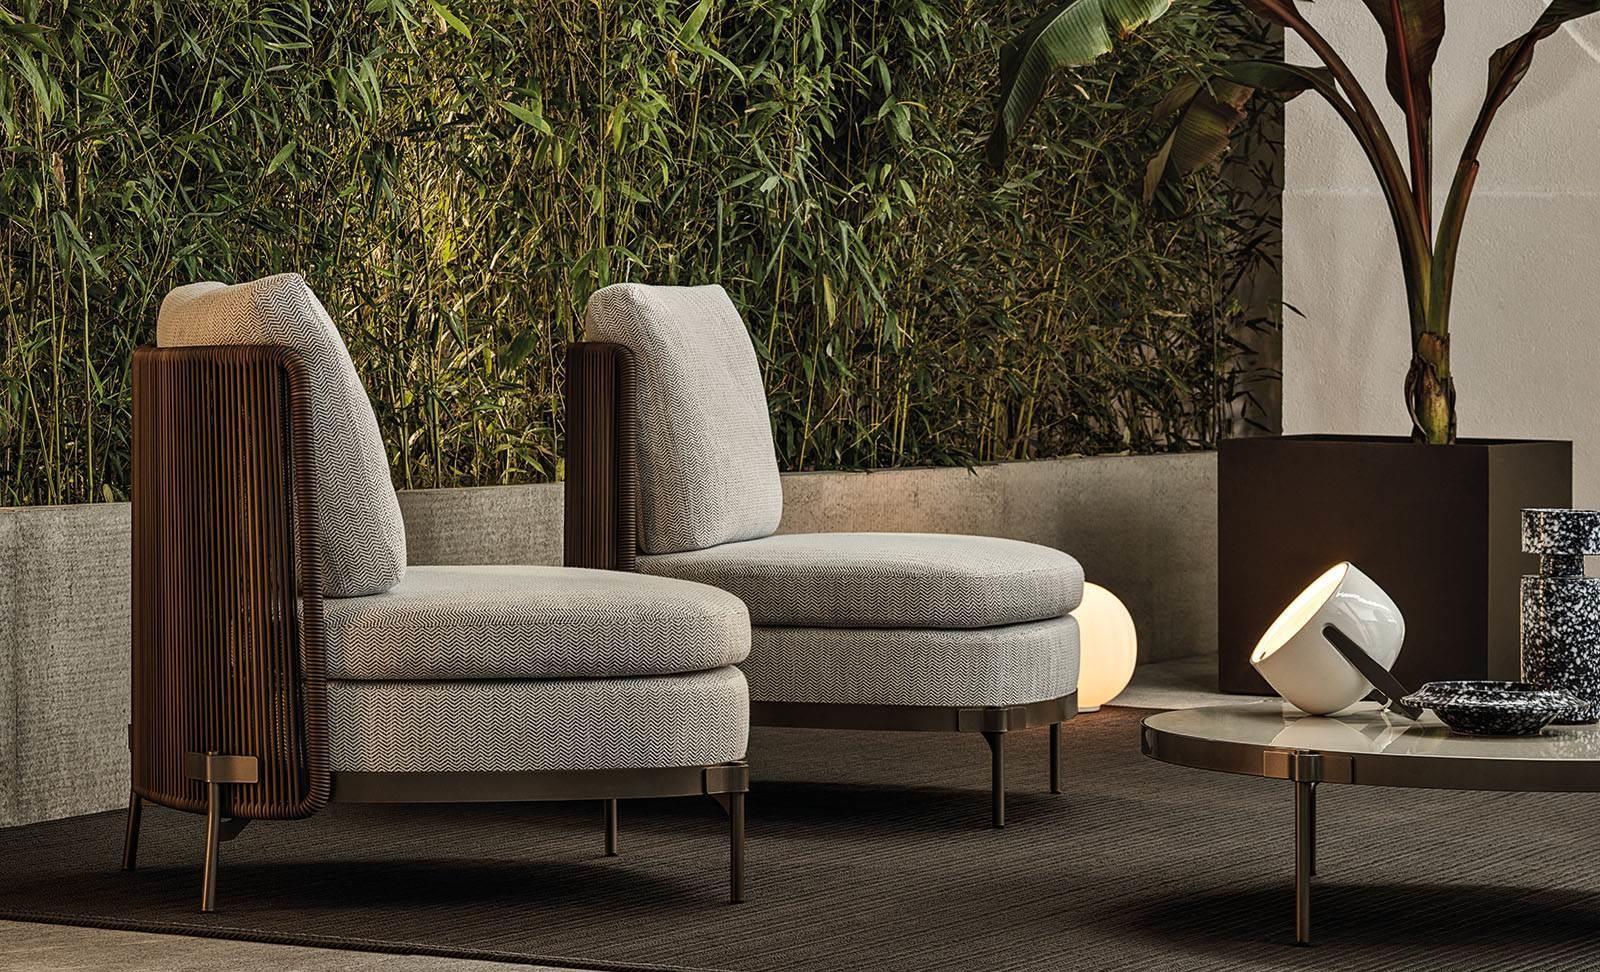 新款酒店别墅庭院休闲沙发椅休闲藤编椅